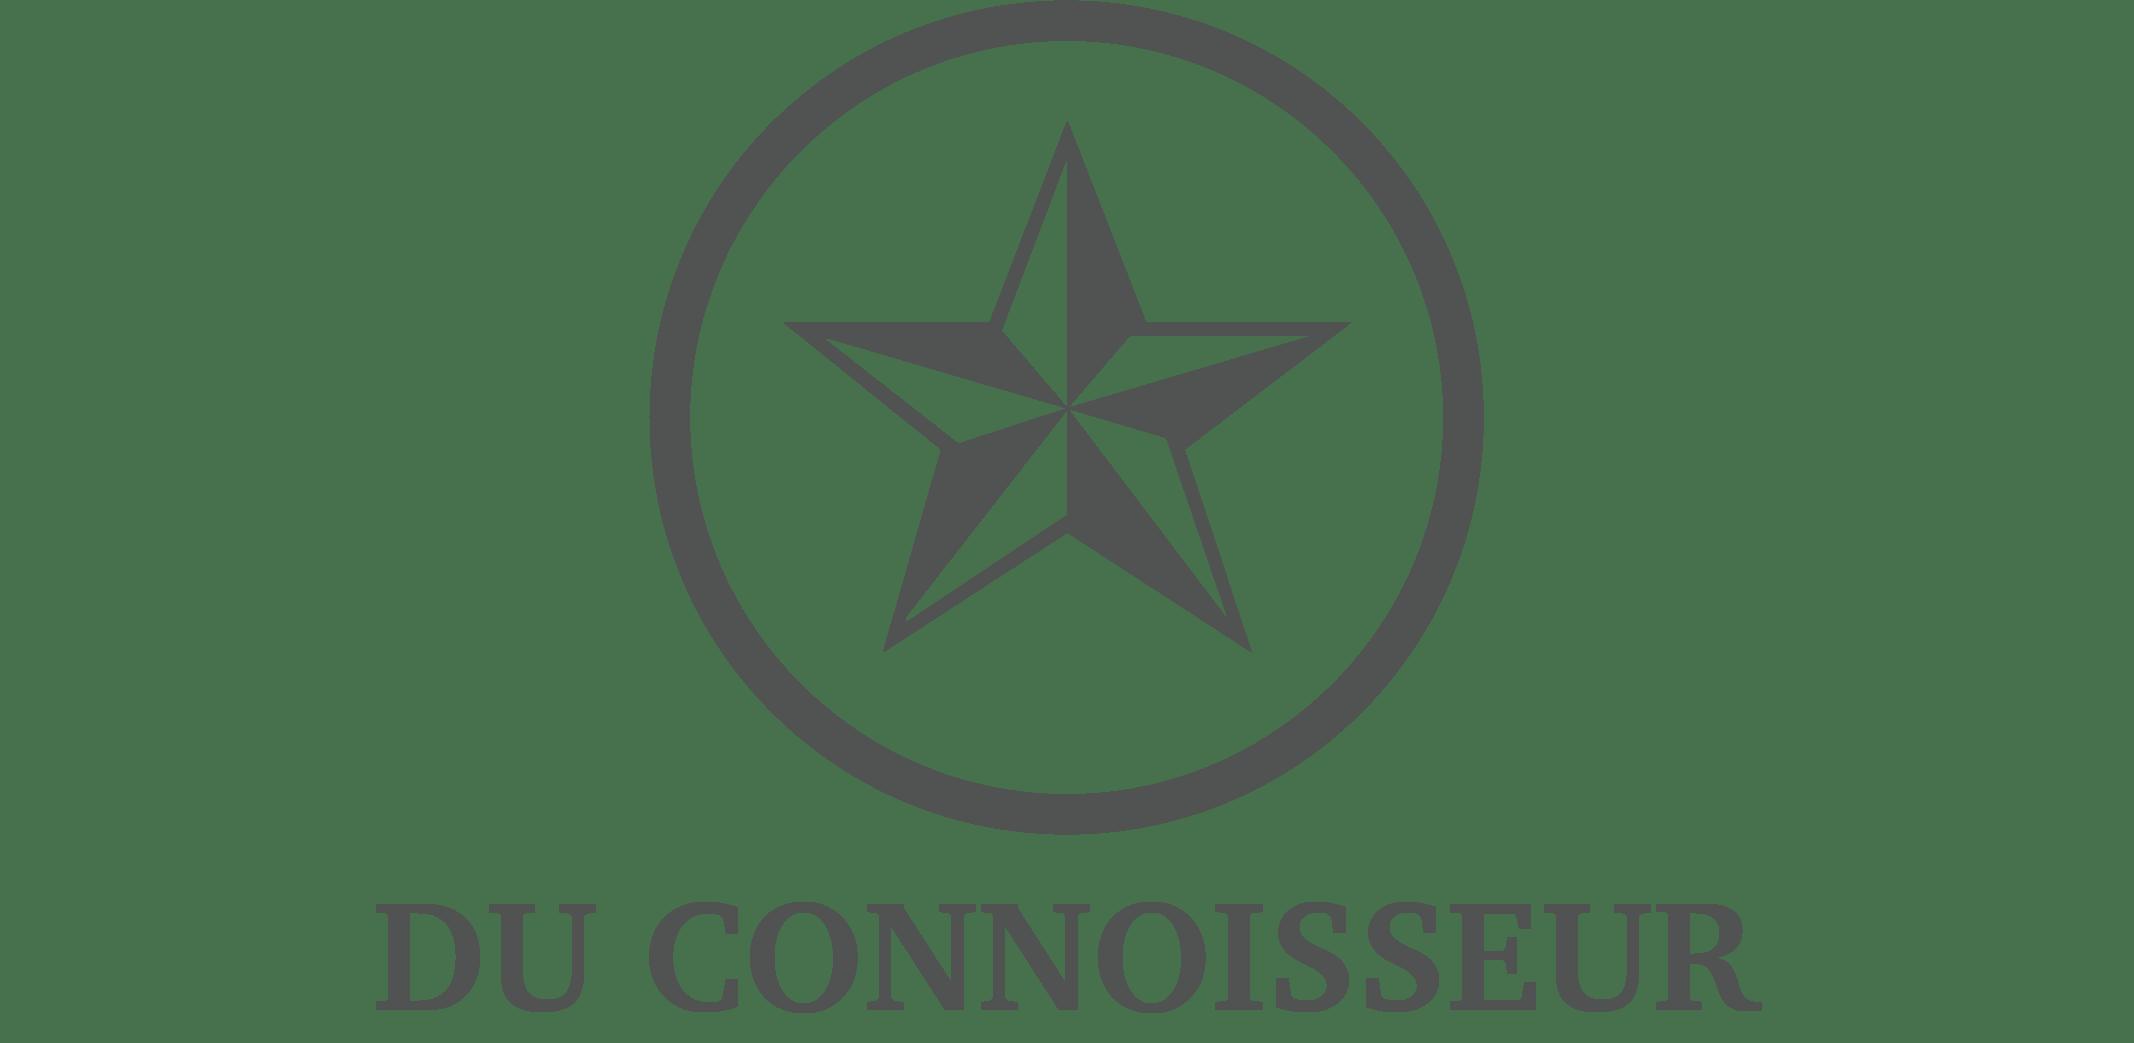 Du Connoisseur brand logo